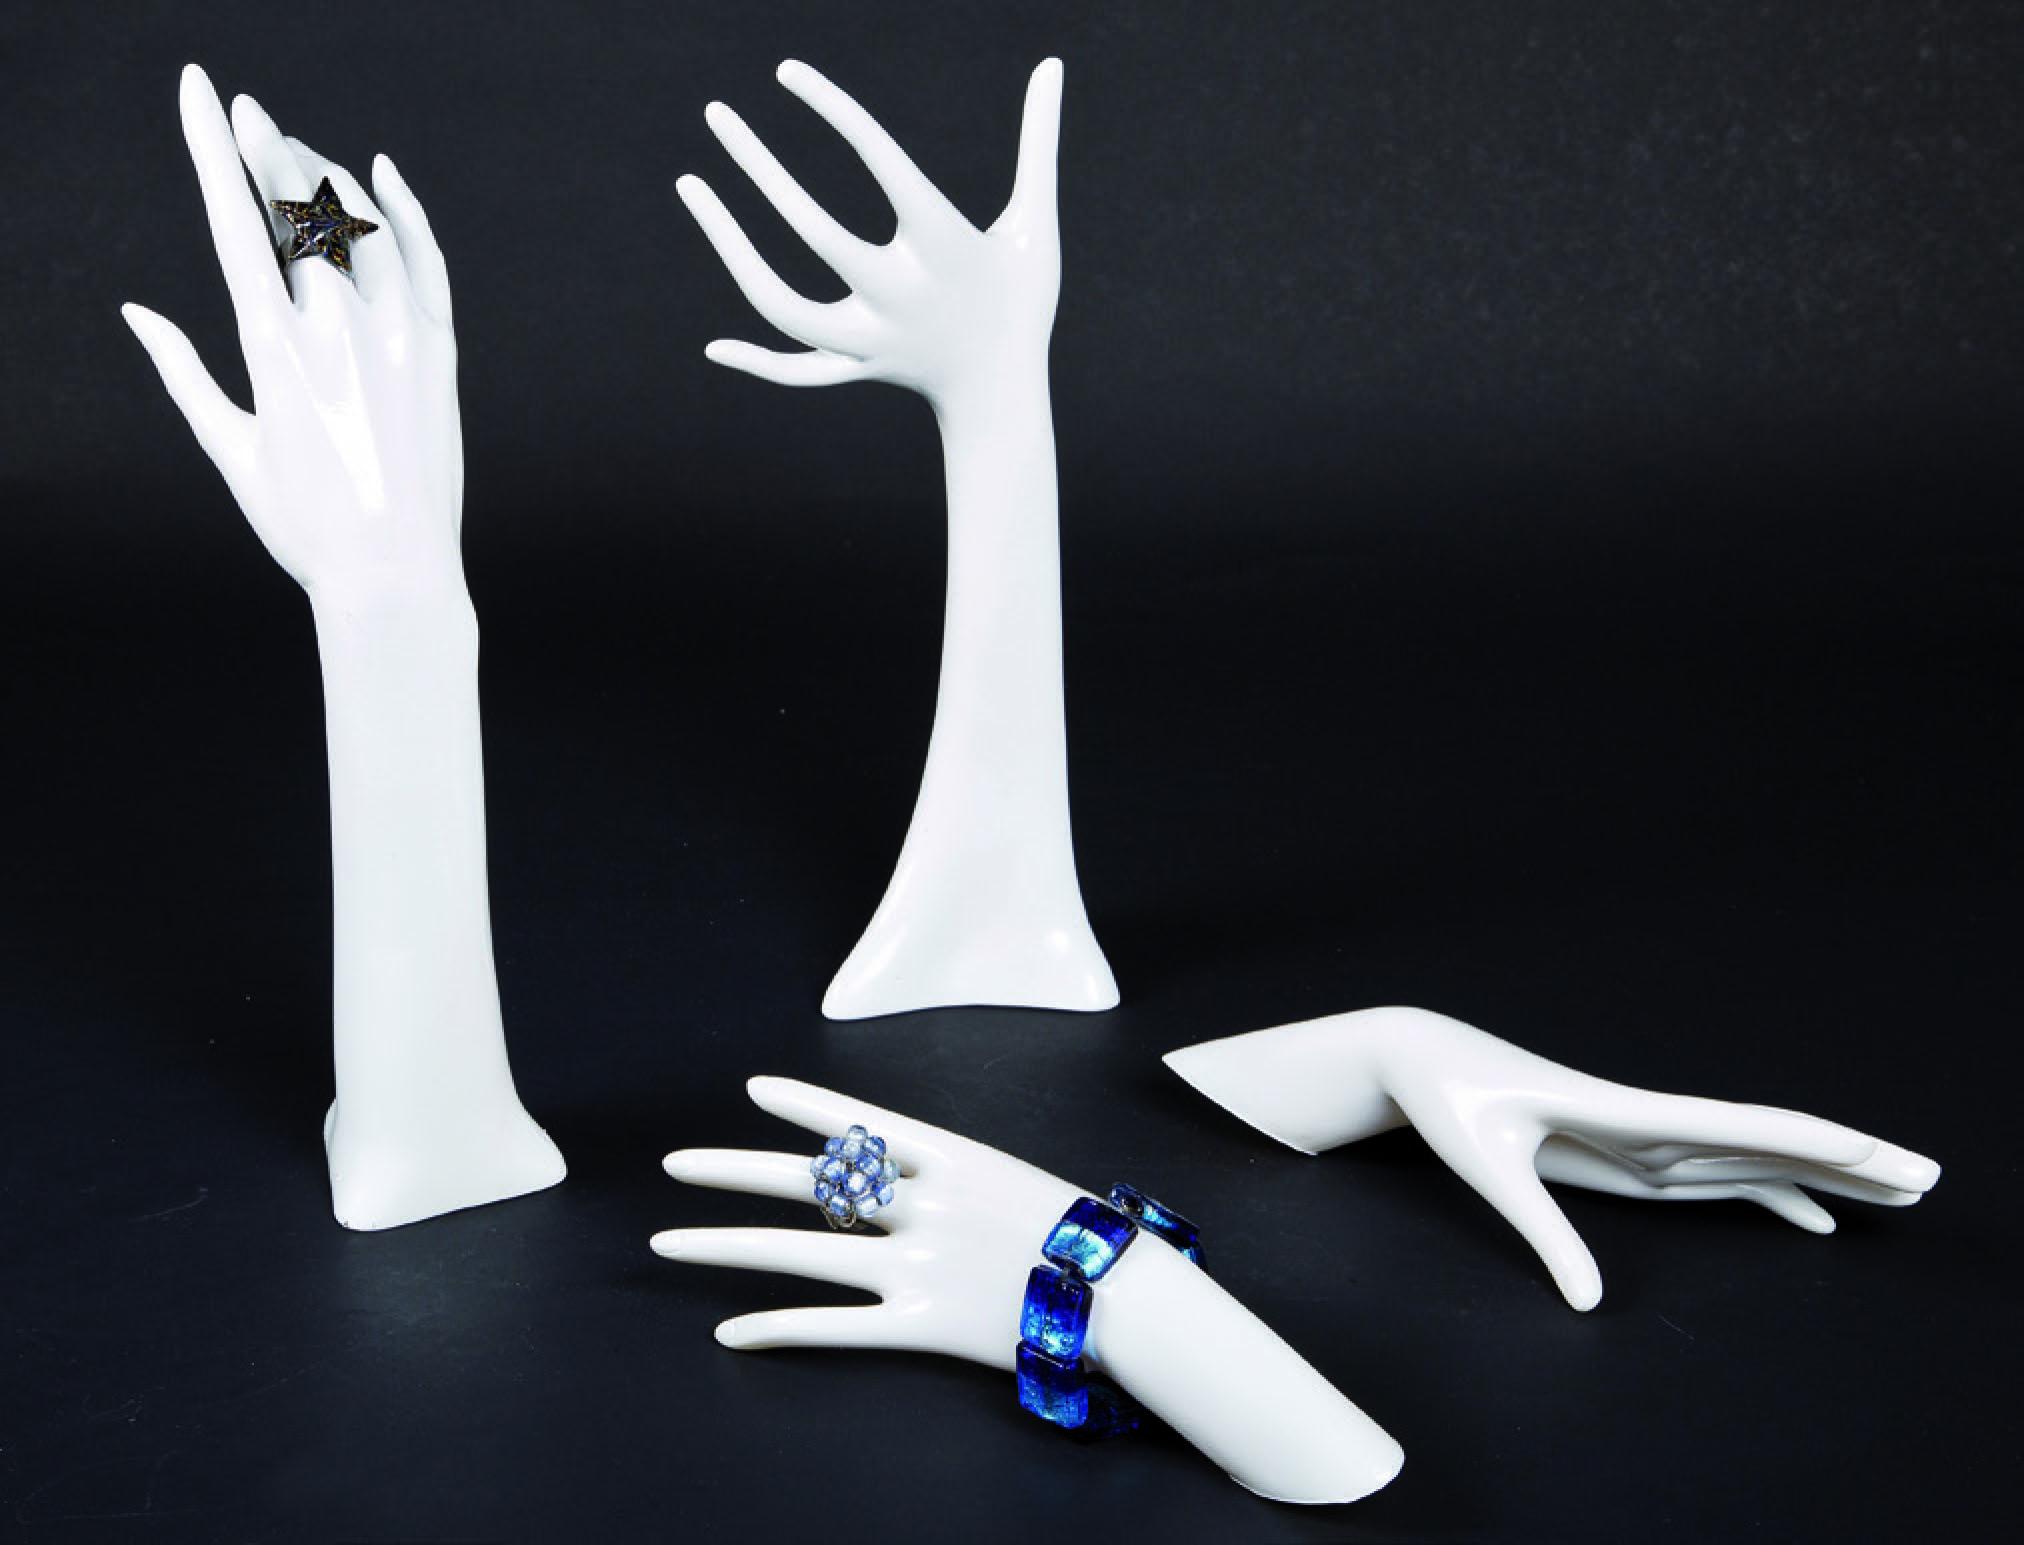 Mani per esposizione gioielleria, bigiotteria e guanti